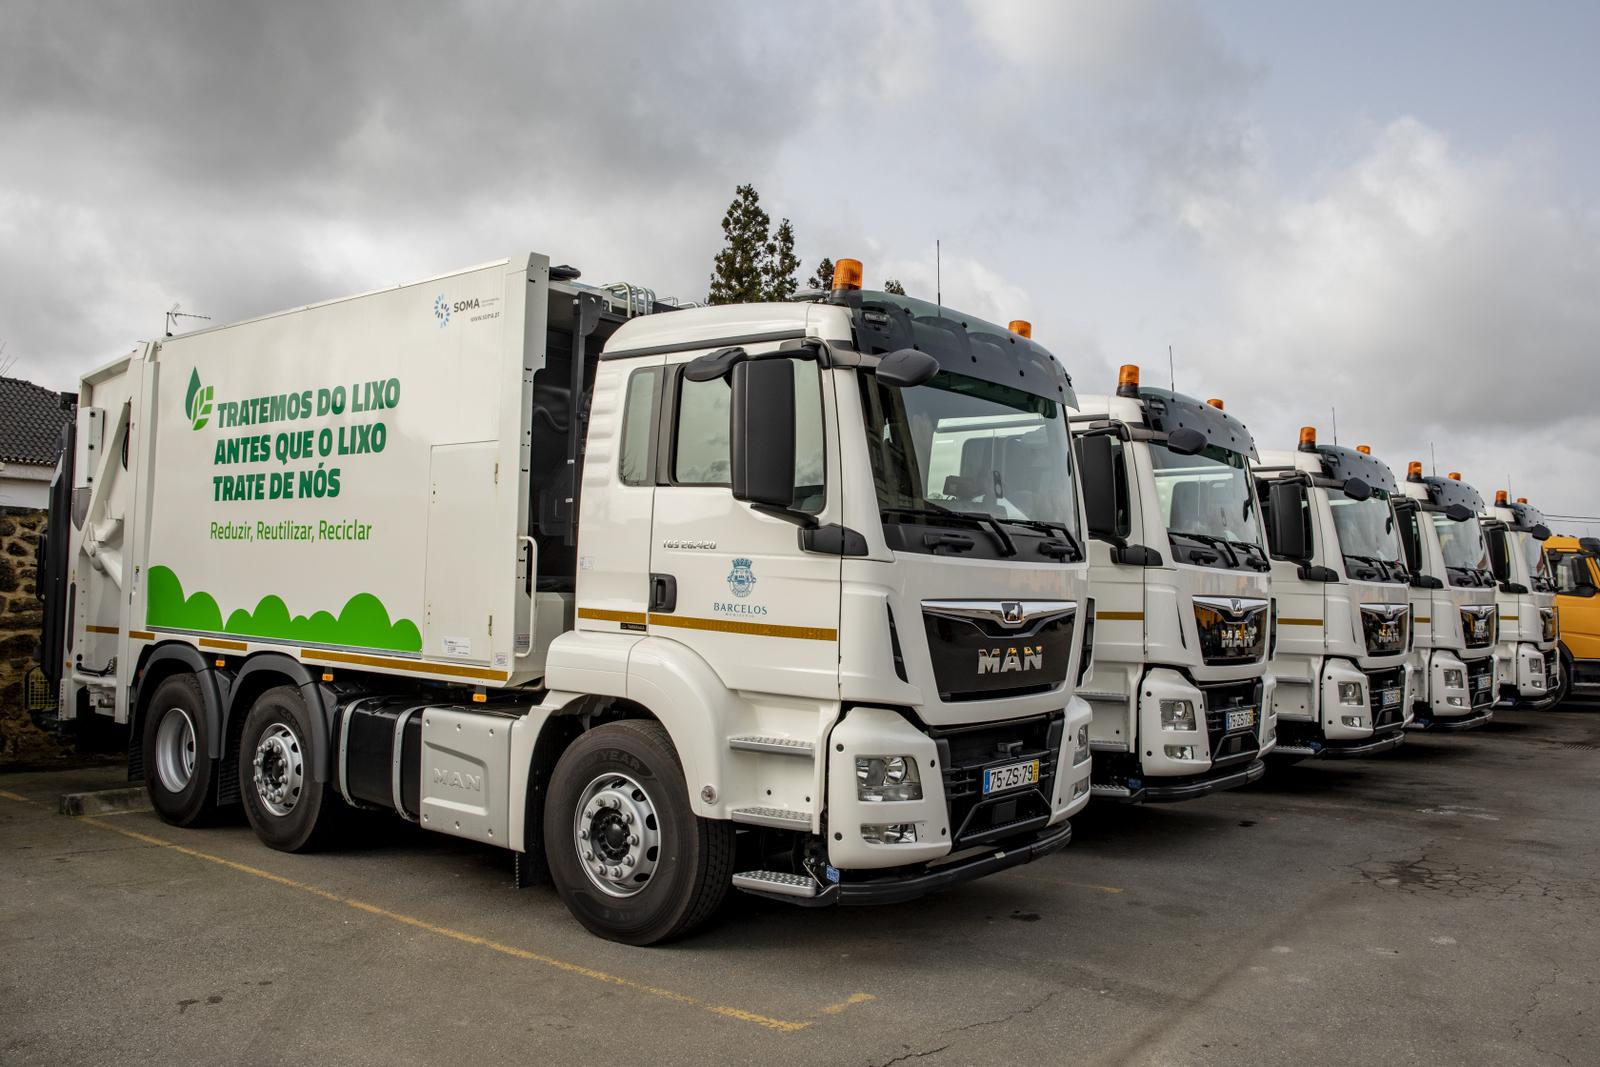 Primeiras cinco viaturas de recolha de resíduos urbanos já foram entregues